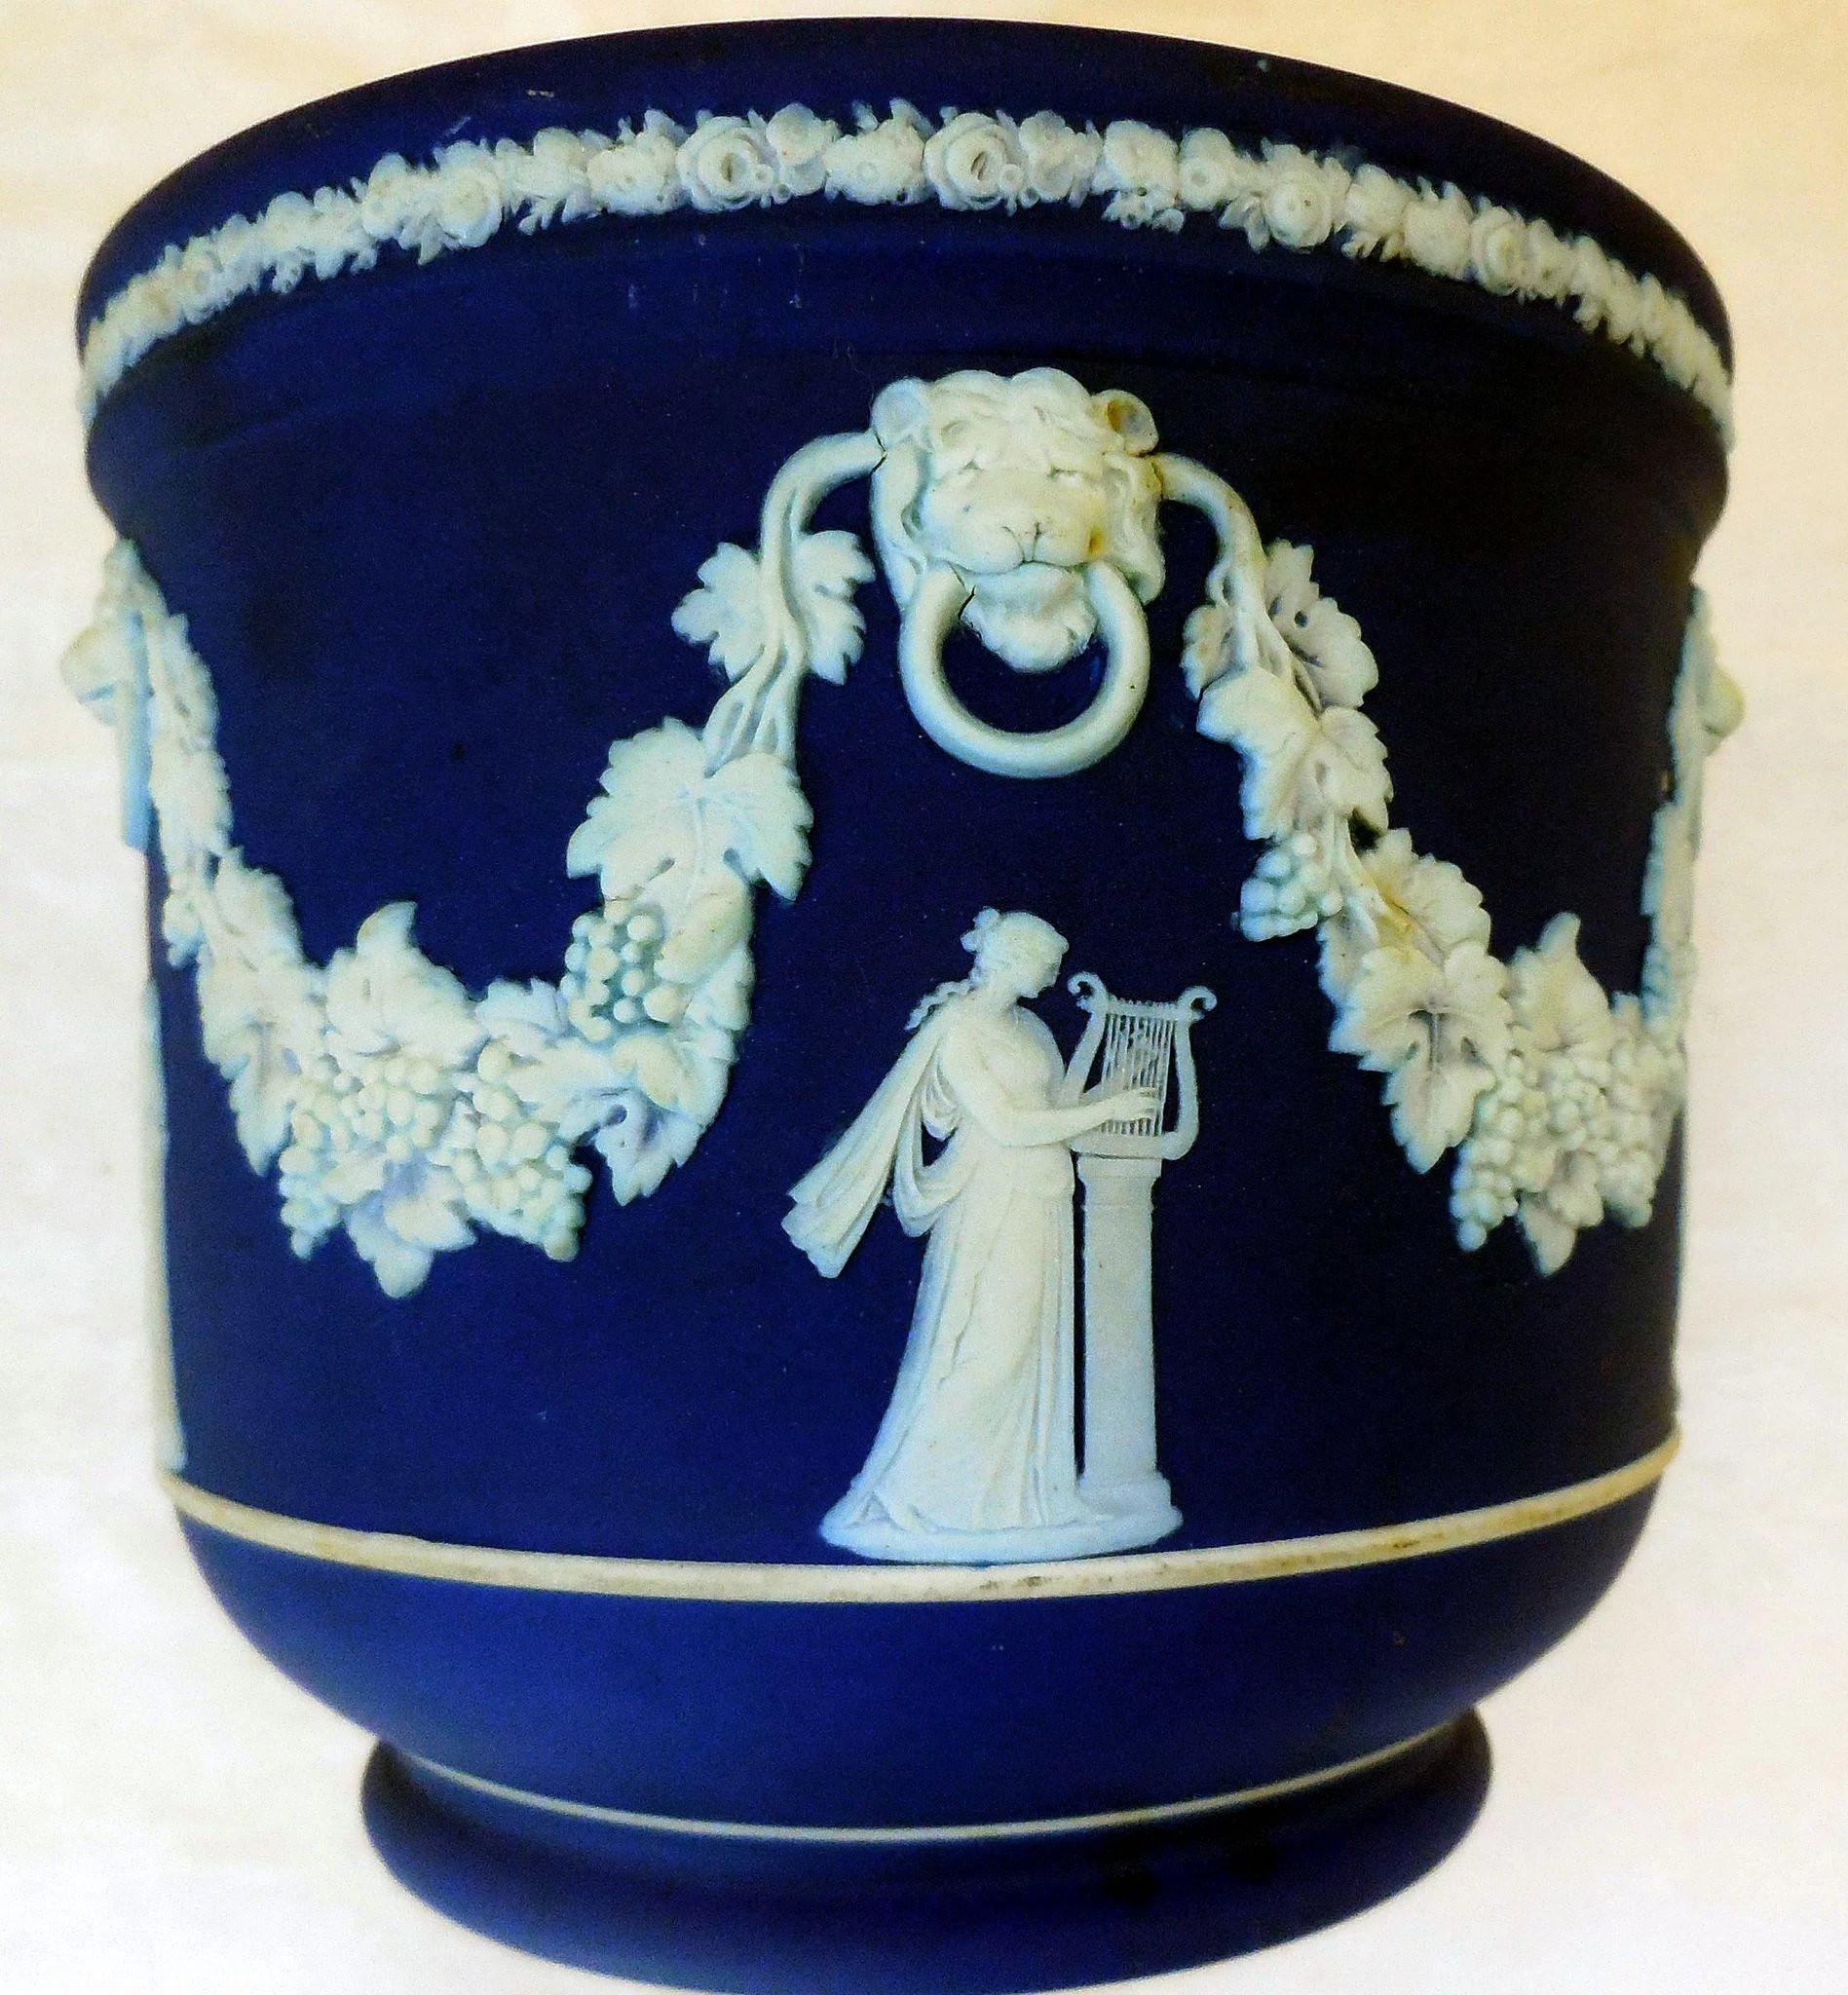 wedgwood green jasperware vase of vintage cobalt blue wedgwood jasperware jardiniere sna treasures for vintage cobalt blue wedgwood jasperware jardiniere click to expand